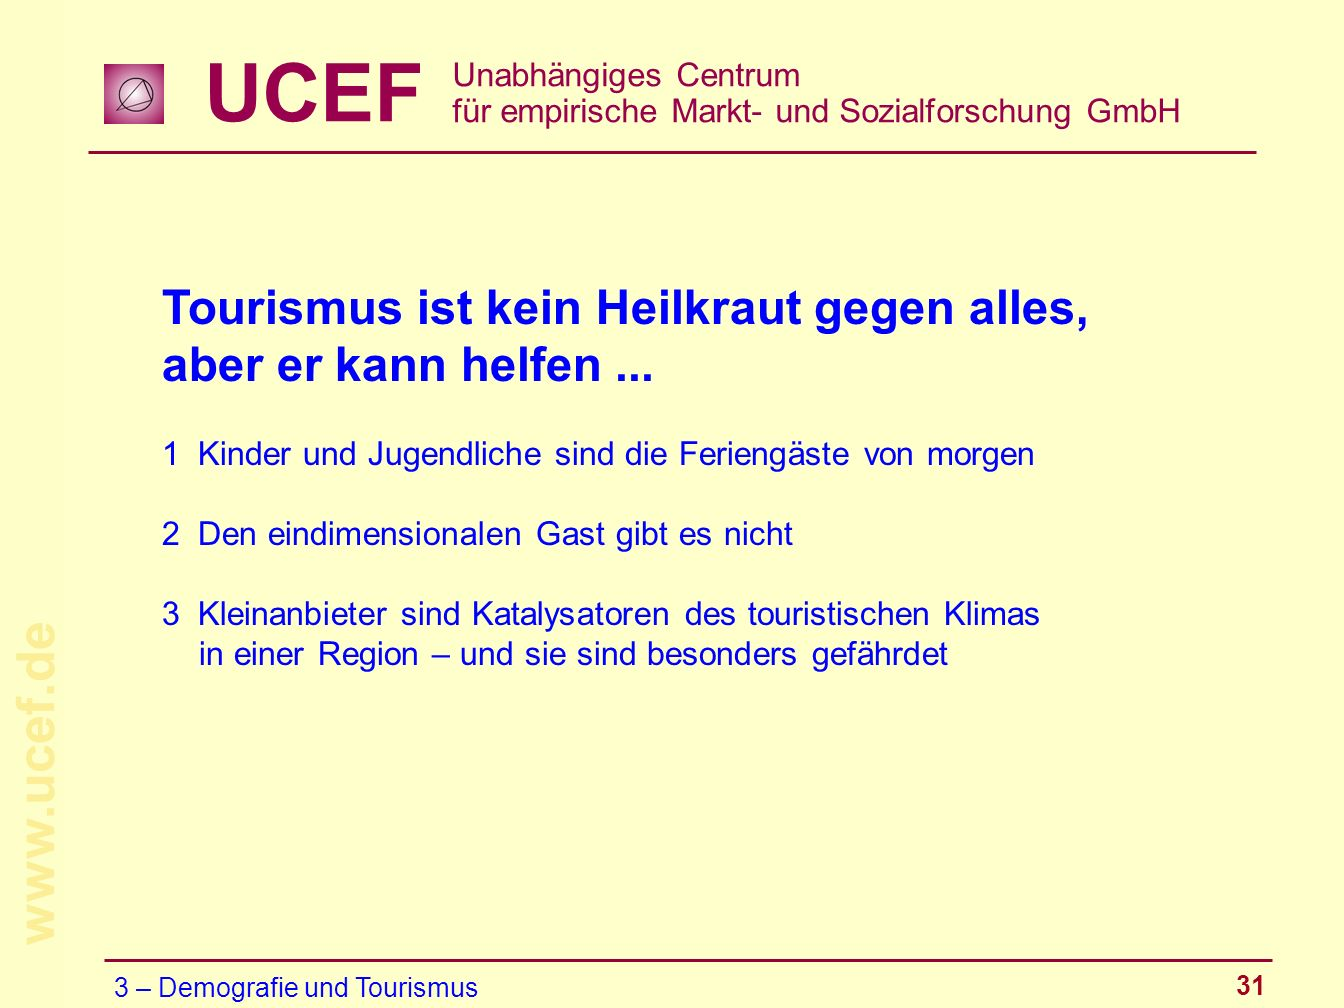 UCEF Unabhängiges Centrum für empirische Markt- und Sozialforschung GmbH www.ucef.de 31 Tourismus ist kein Heilkraut gegen alles, aber er kann helfen.